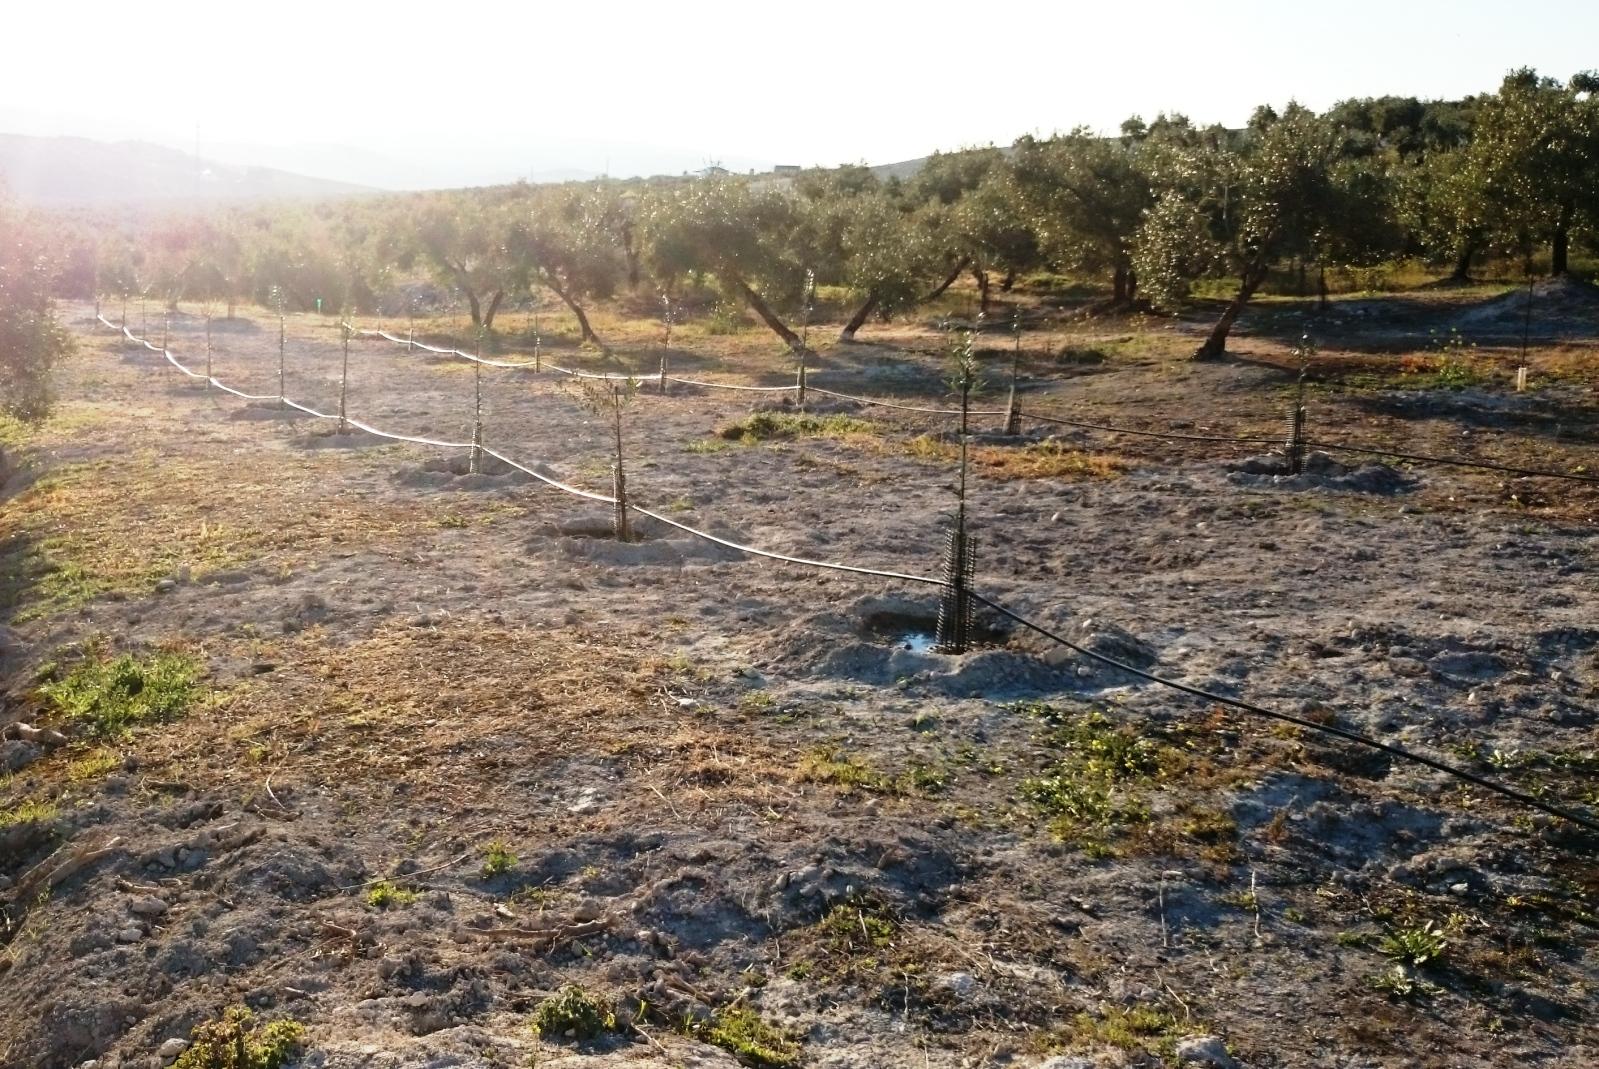 Crecimiento de plantones olivo - Página 9 2im80fd